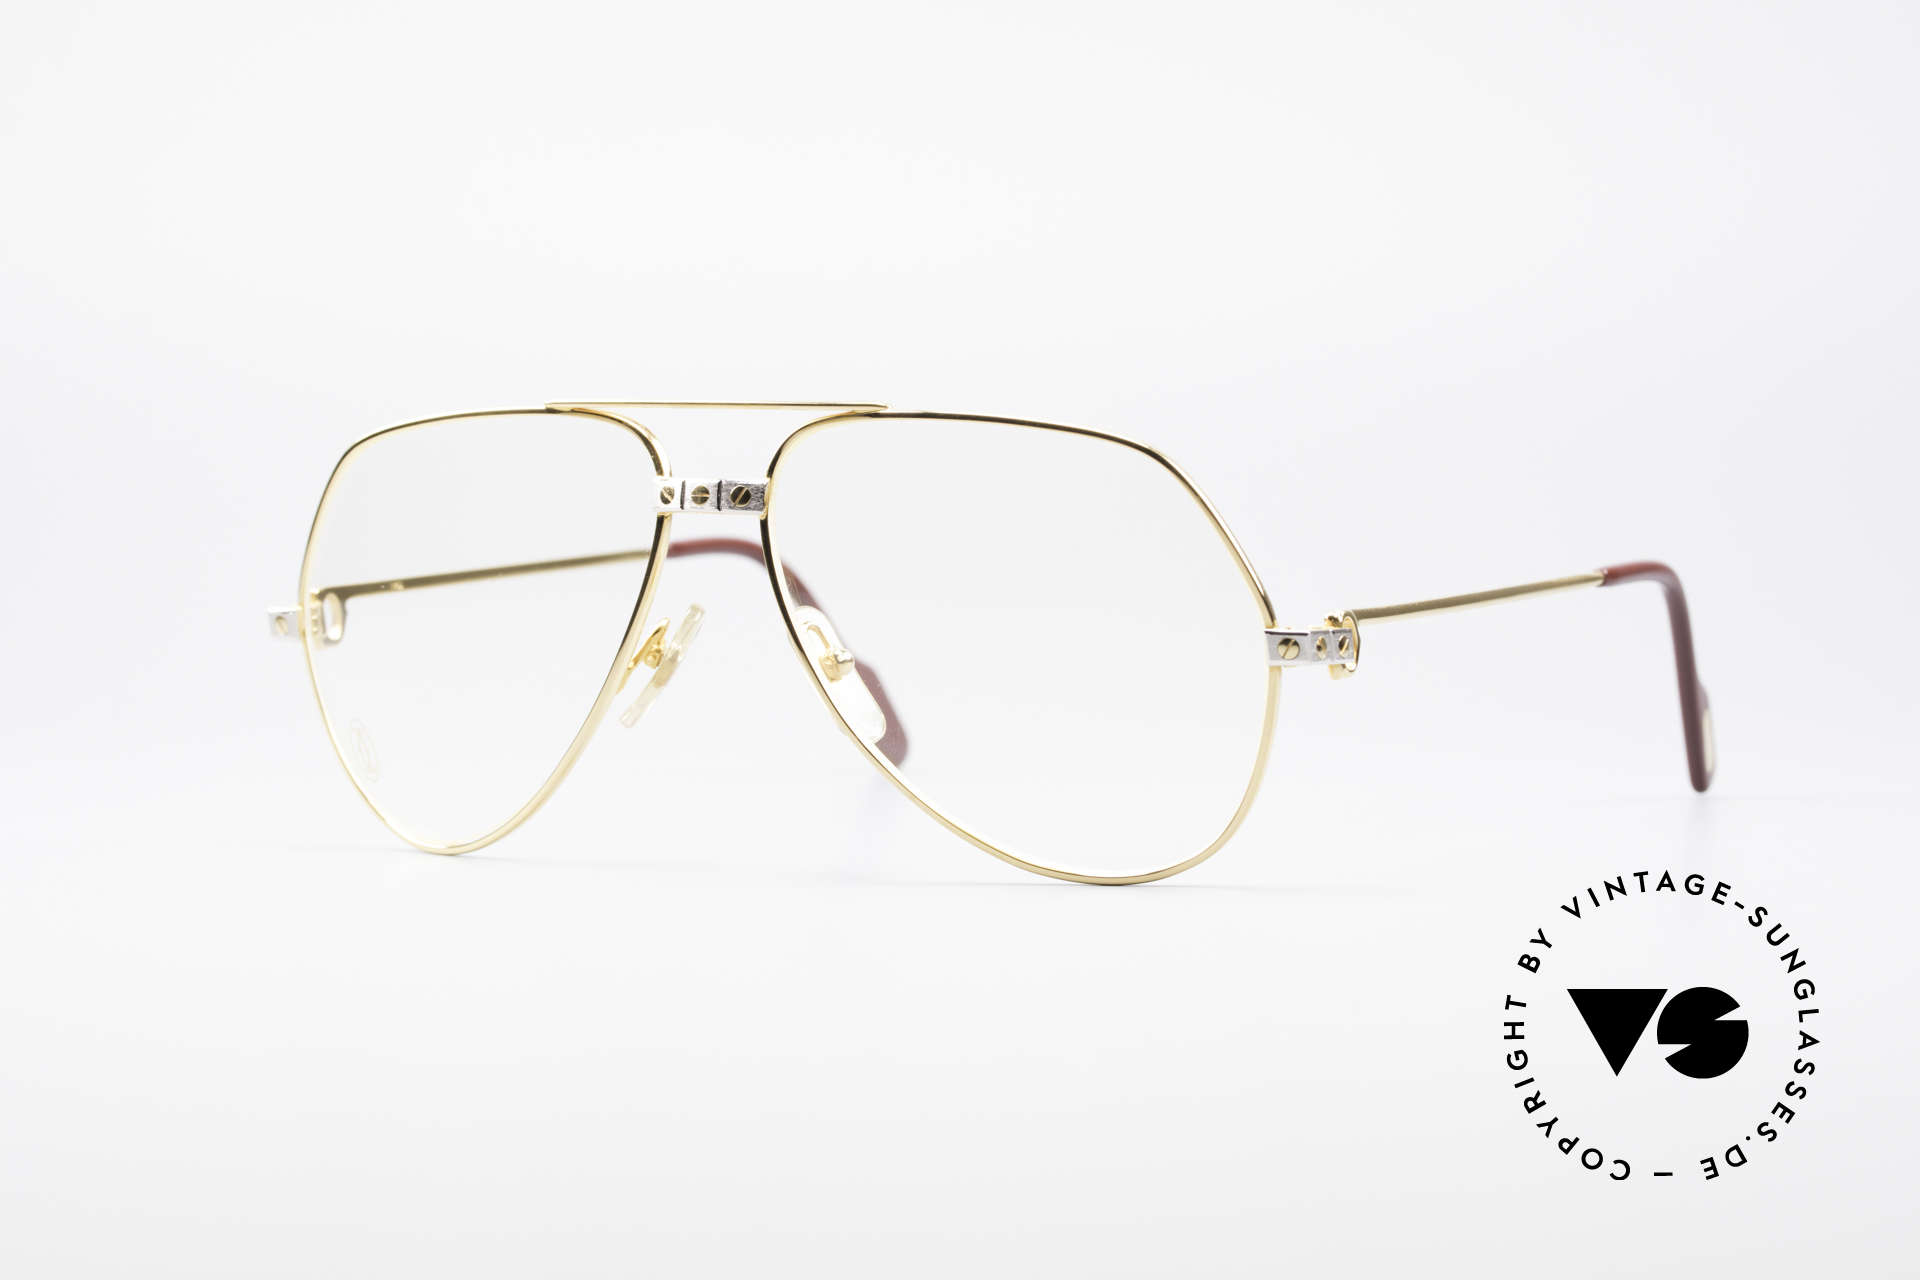 Cartier Vendome Santos - M James Bond Brille 80er Original, Vendome = das berühmteste Brillendesign von CARTIER, Passend für Herren